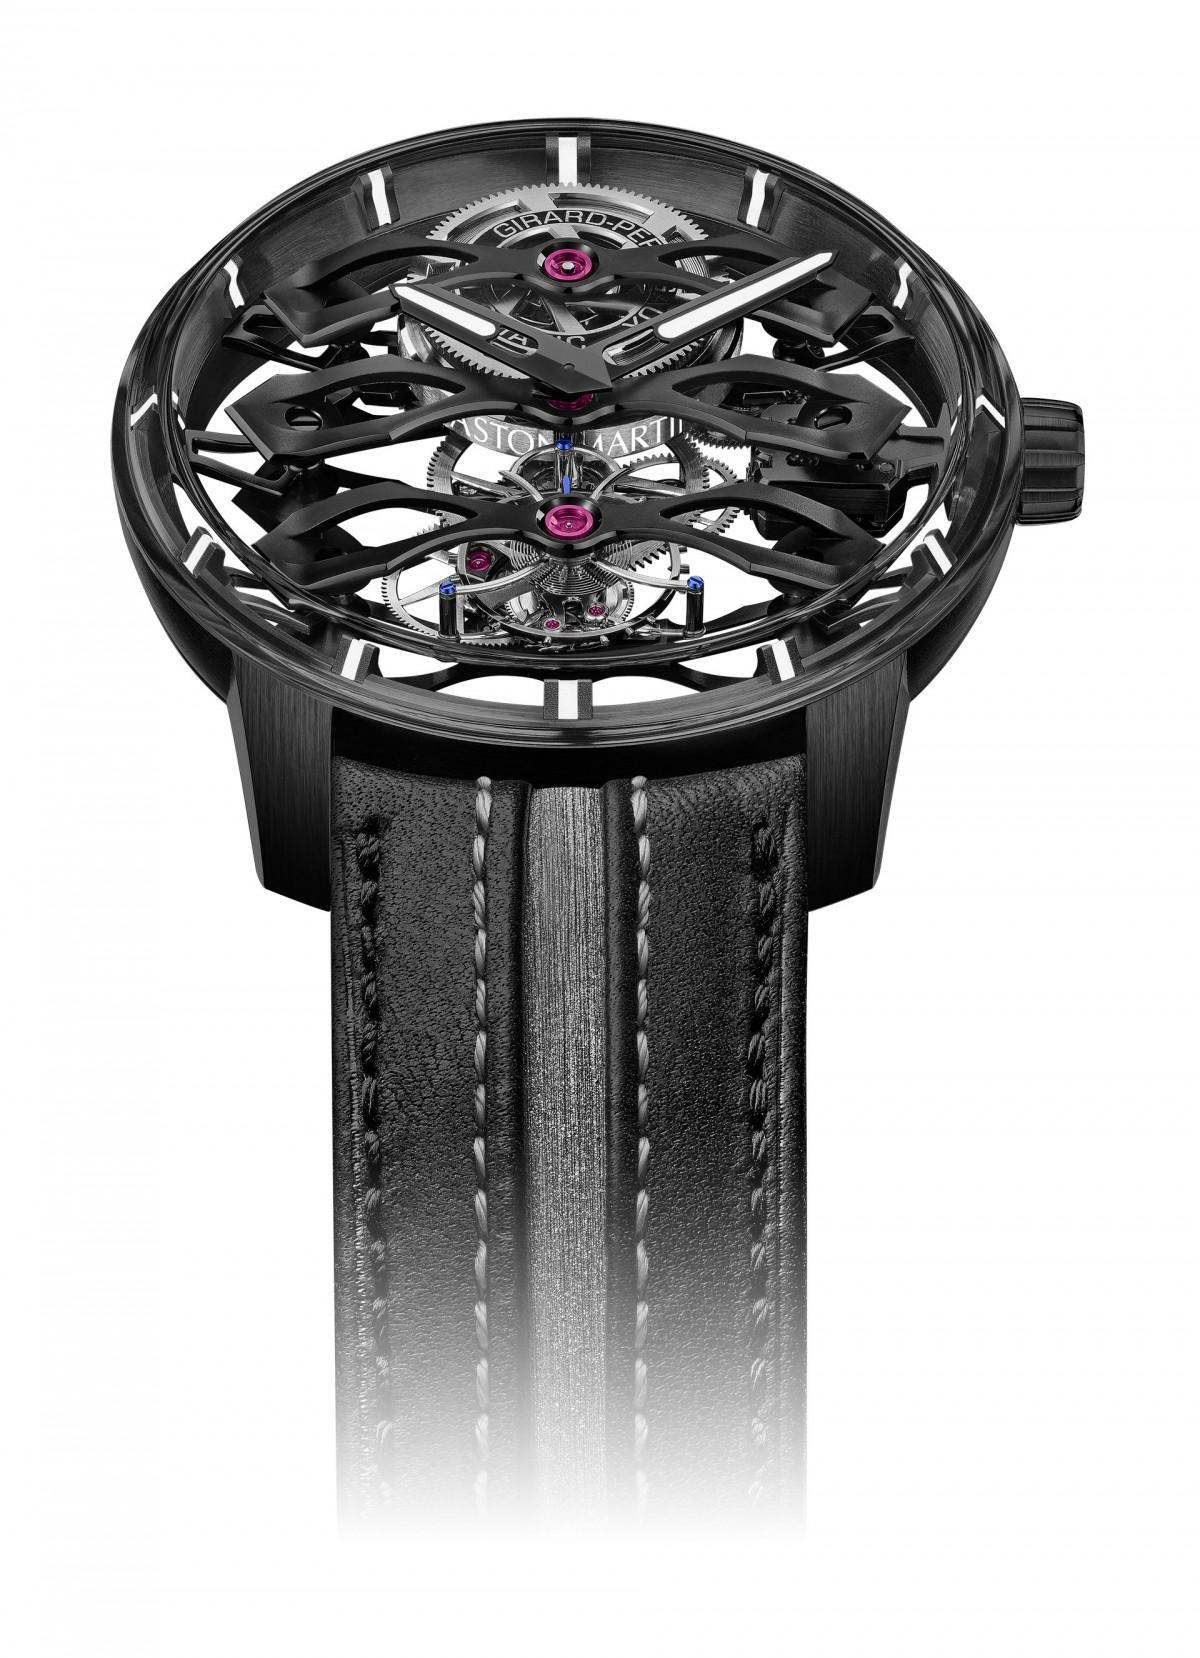 Aston Martin ra mắt mẫu đồng hồ giá hơn 3 tỷ đồng-5